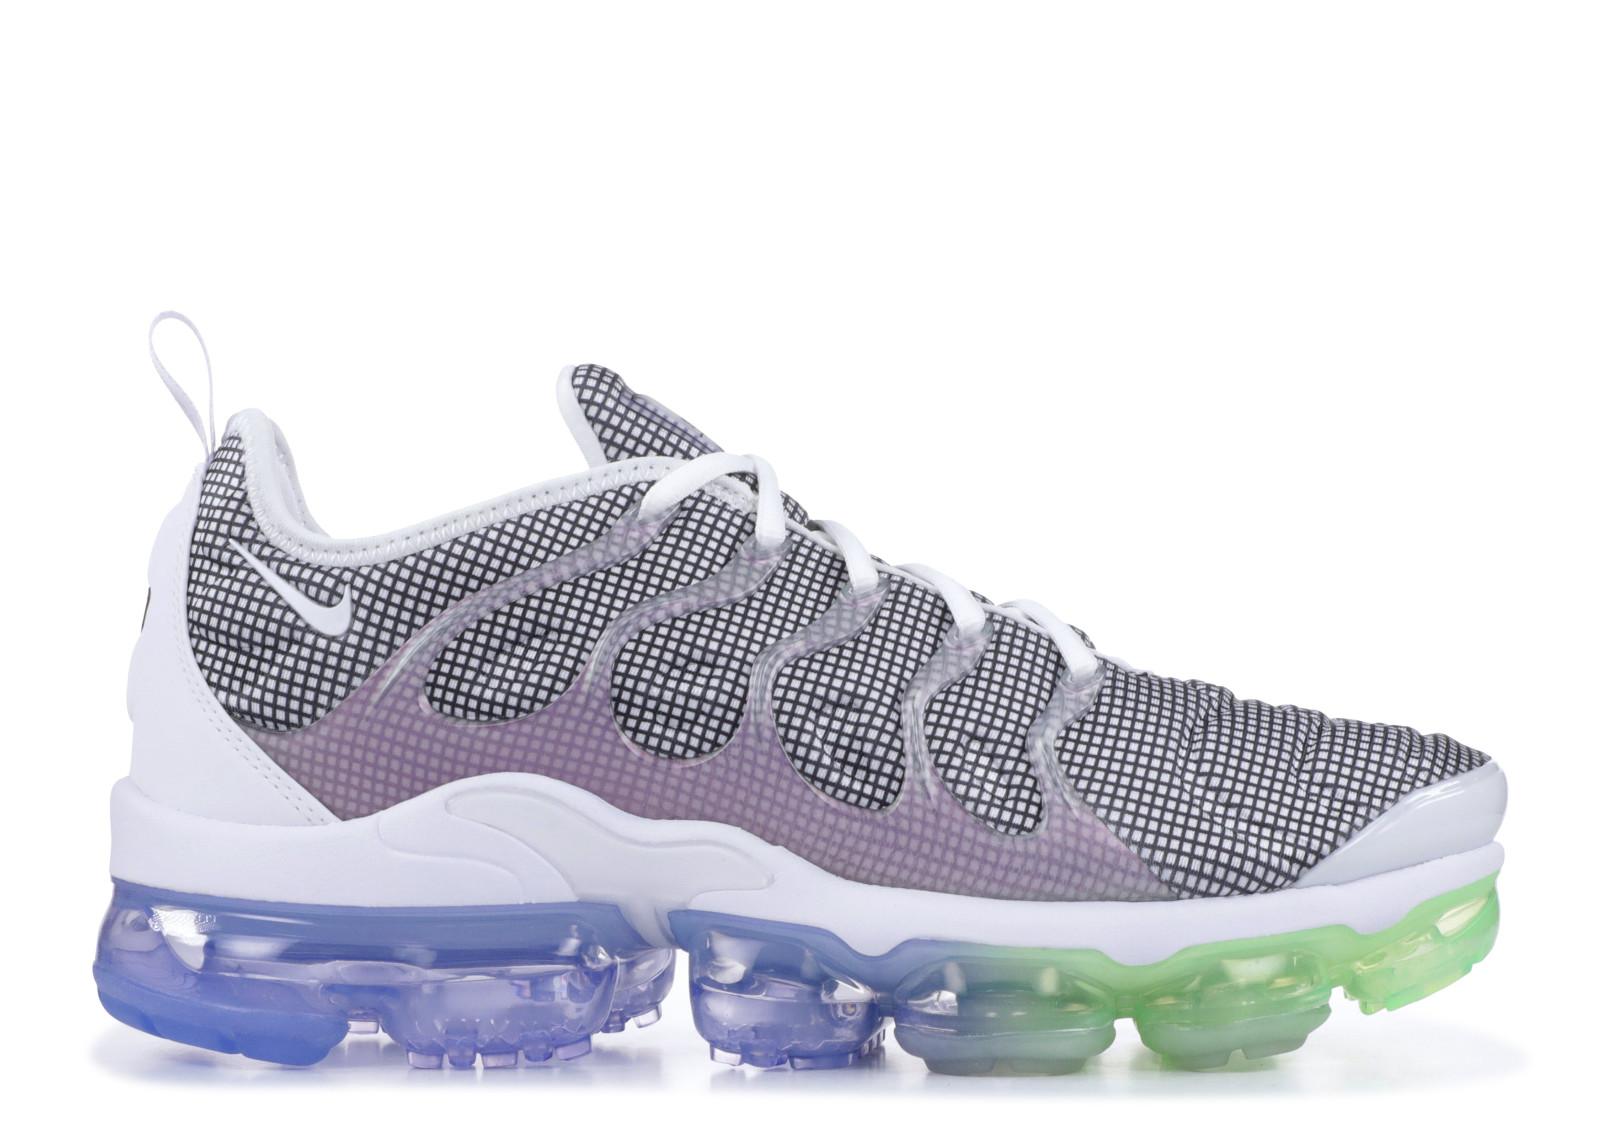 Nike Mens Air Vapormax Plus Fashion